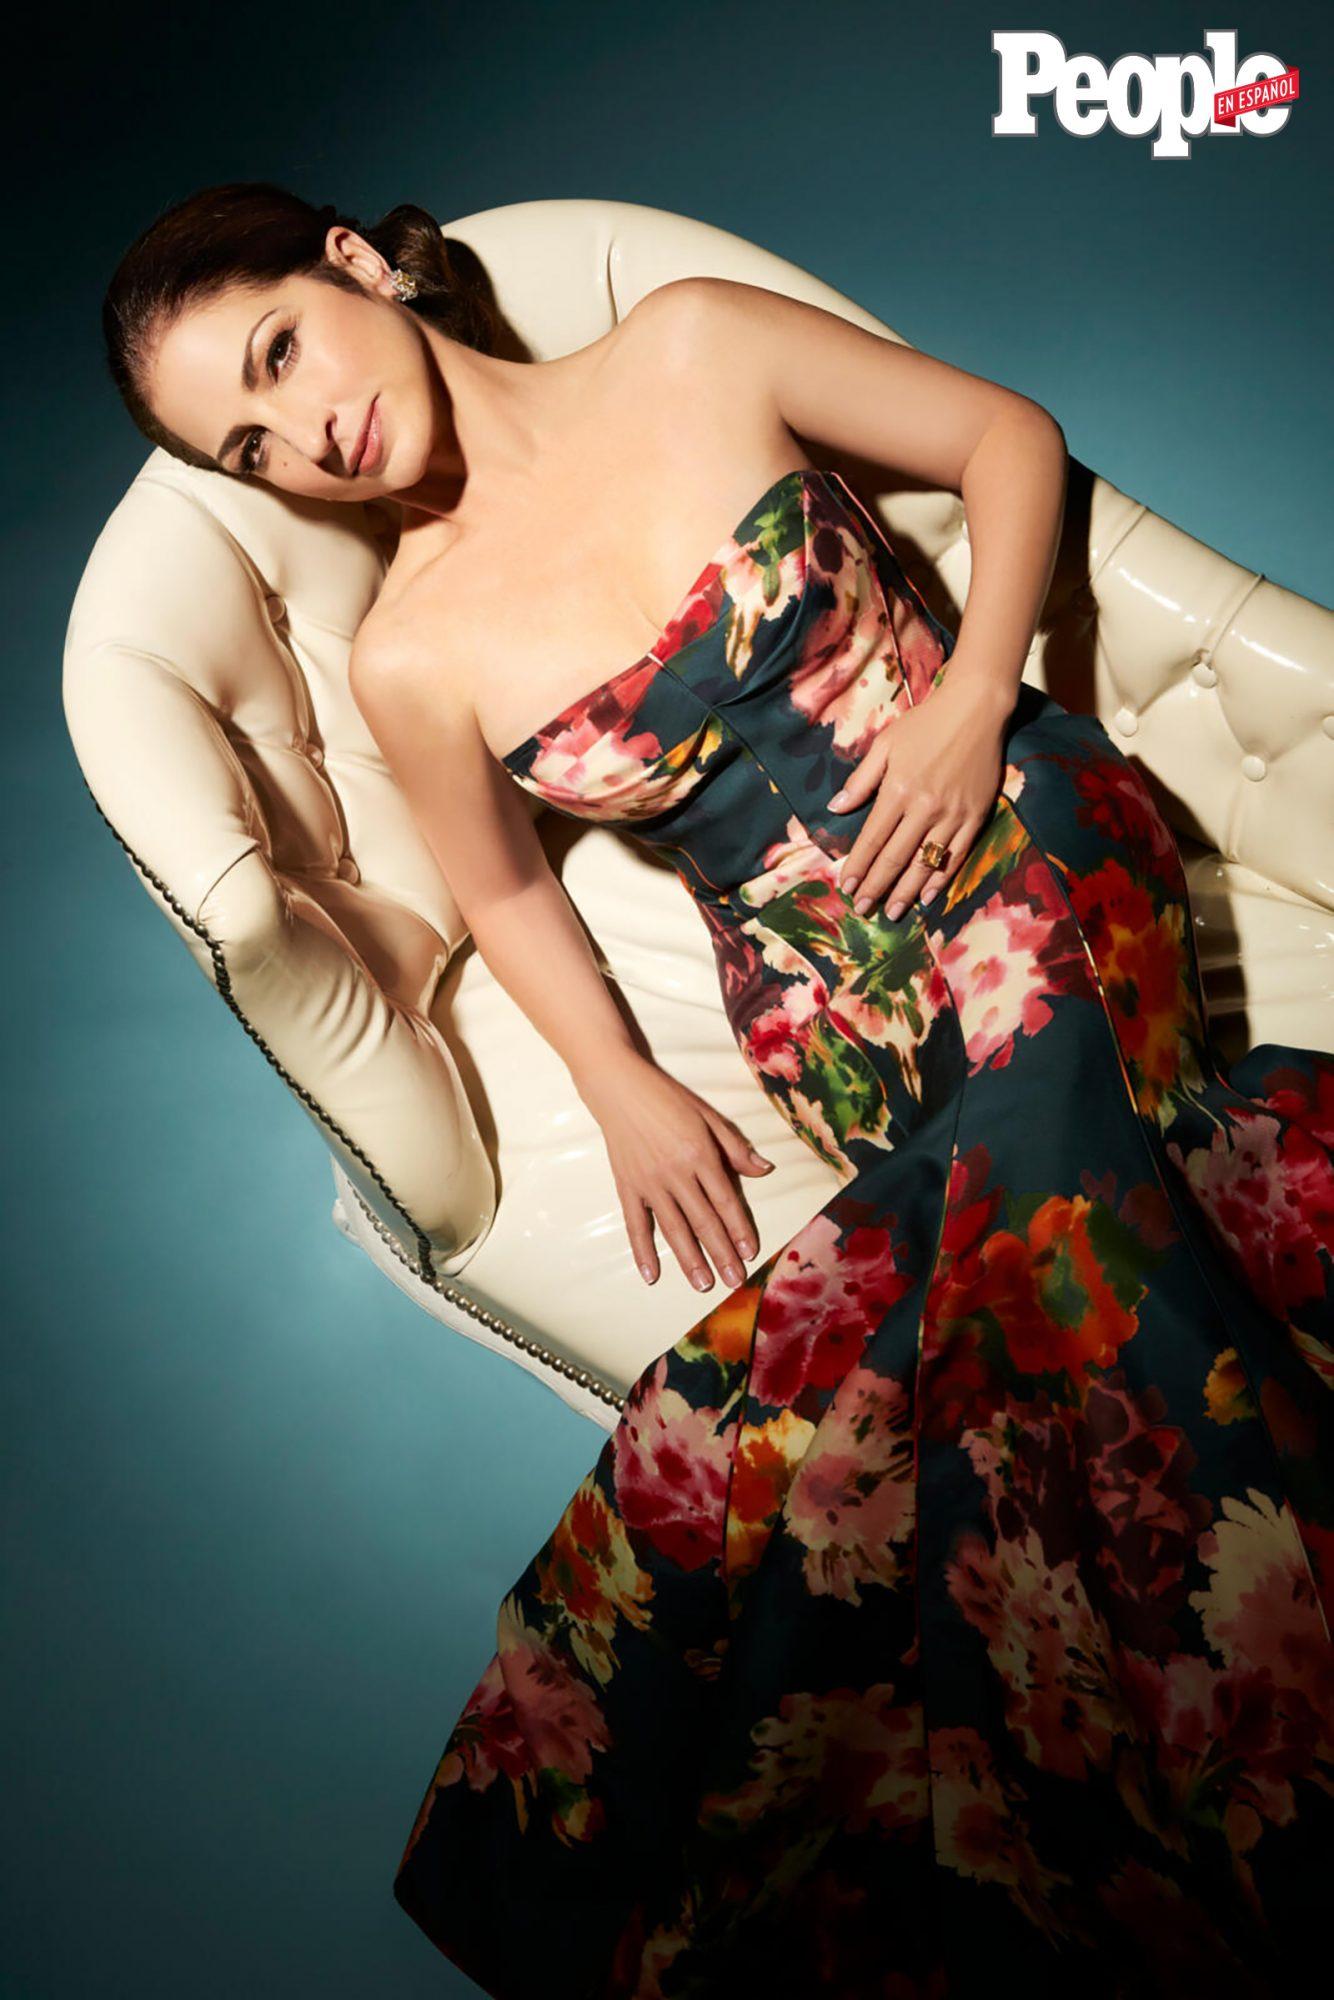 Gloria Estefan - Bellos - DO NOT REUSE